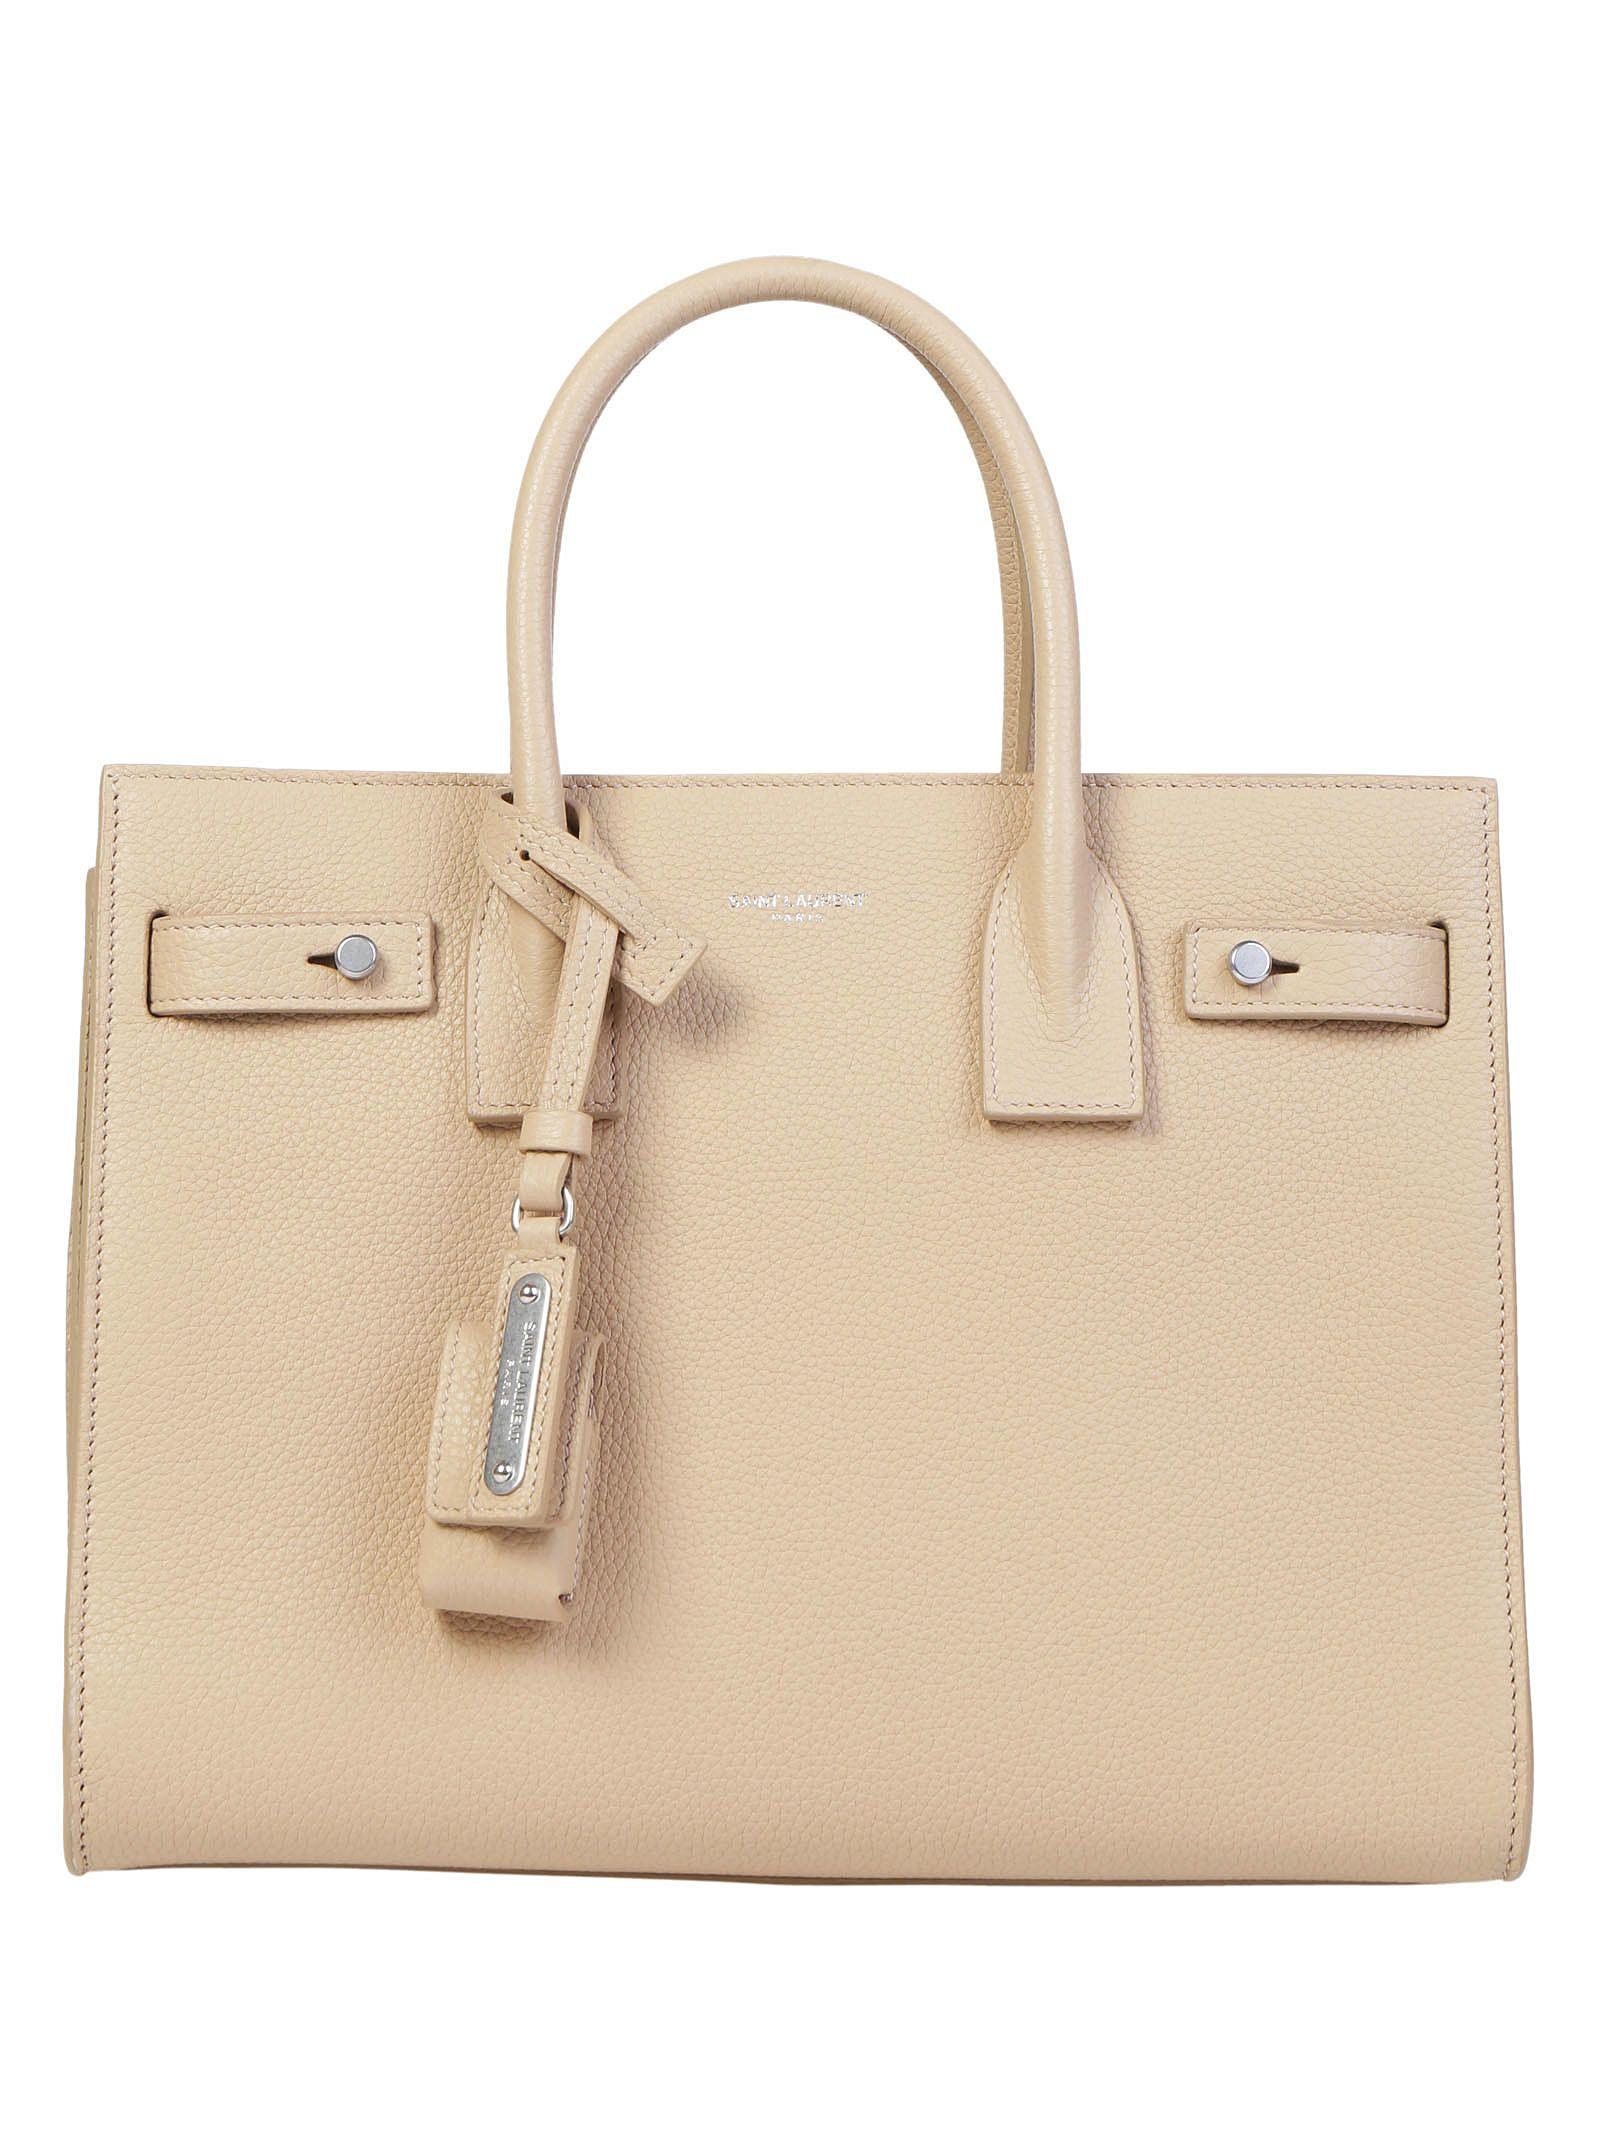 Saint Laurent Baby Sac De Jour Souple Tote Handbag